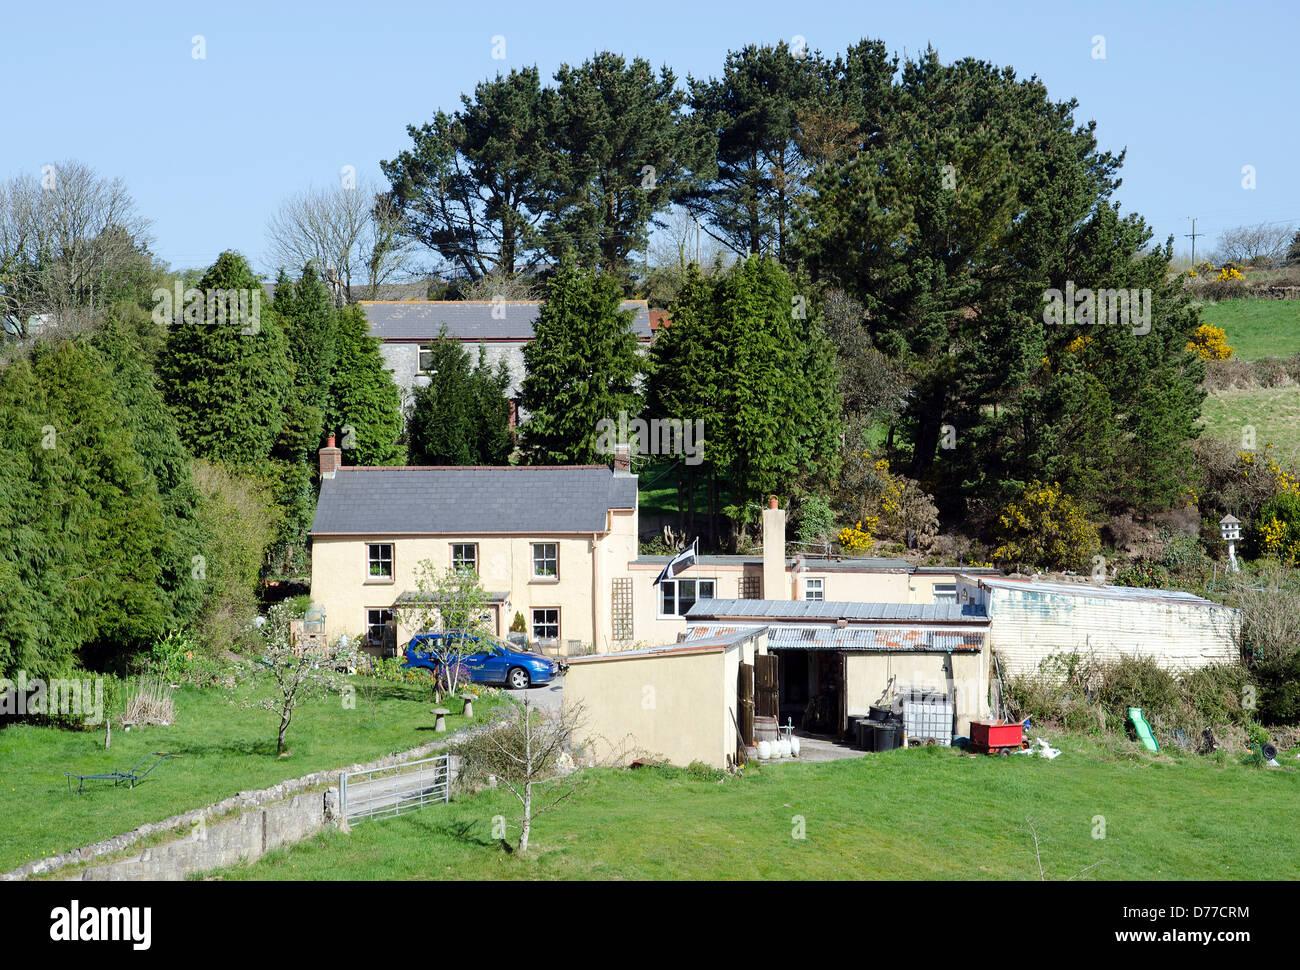 Ein Ferienhaus in ländlicher Umgebung in der Nähe von Redruth, Cornwall, UK Stockbild